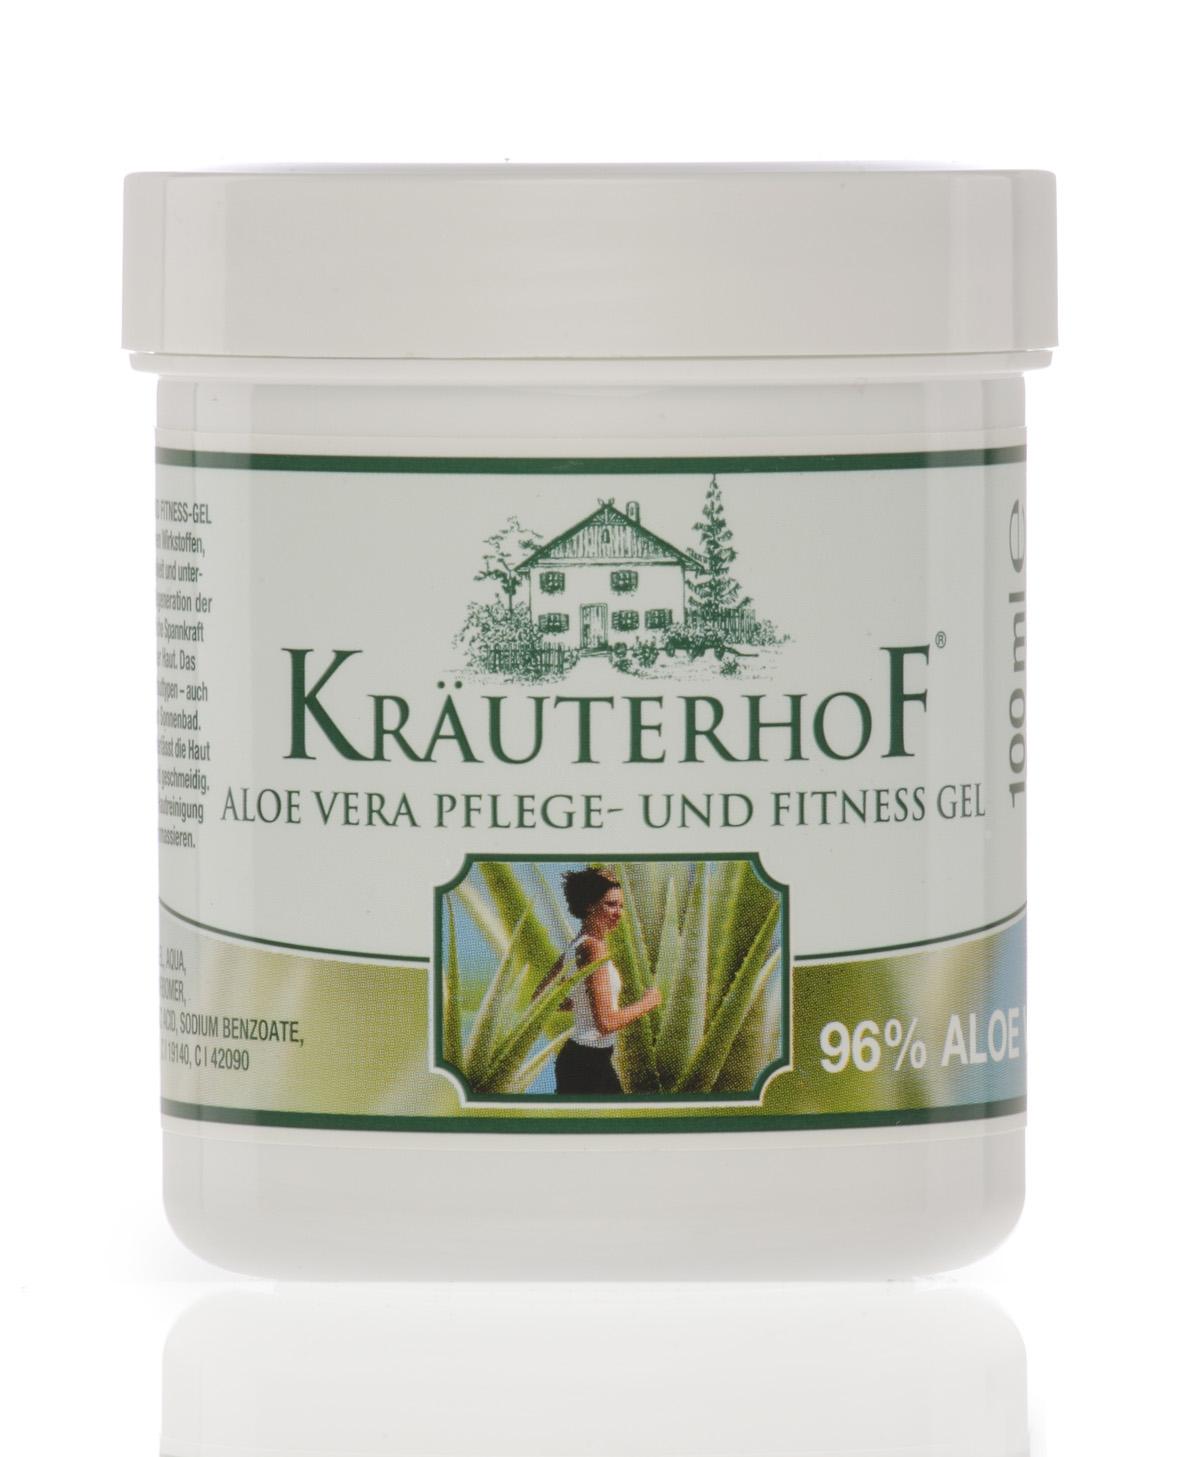 Kräuterhof Aloe Vera Pflege- und, Fitnessgel 100 ml